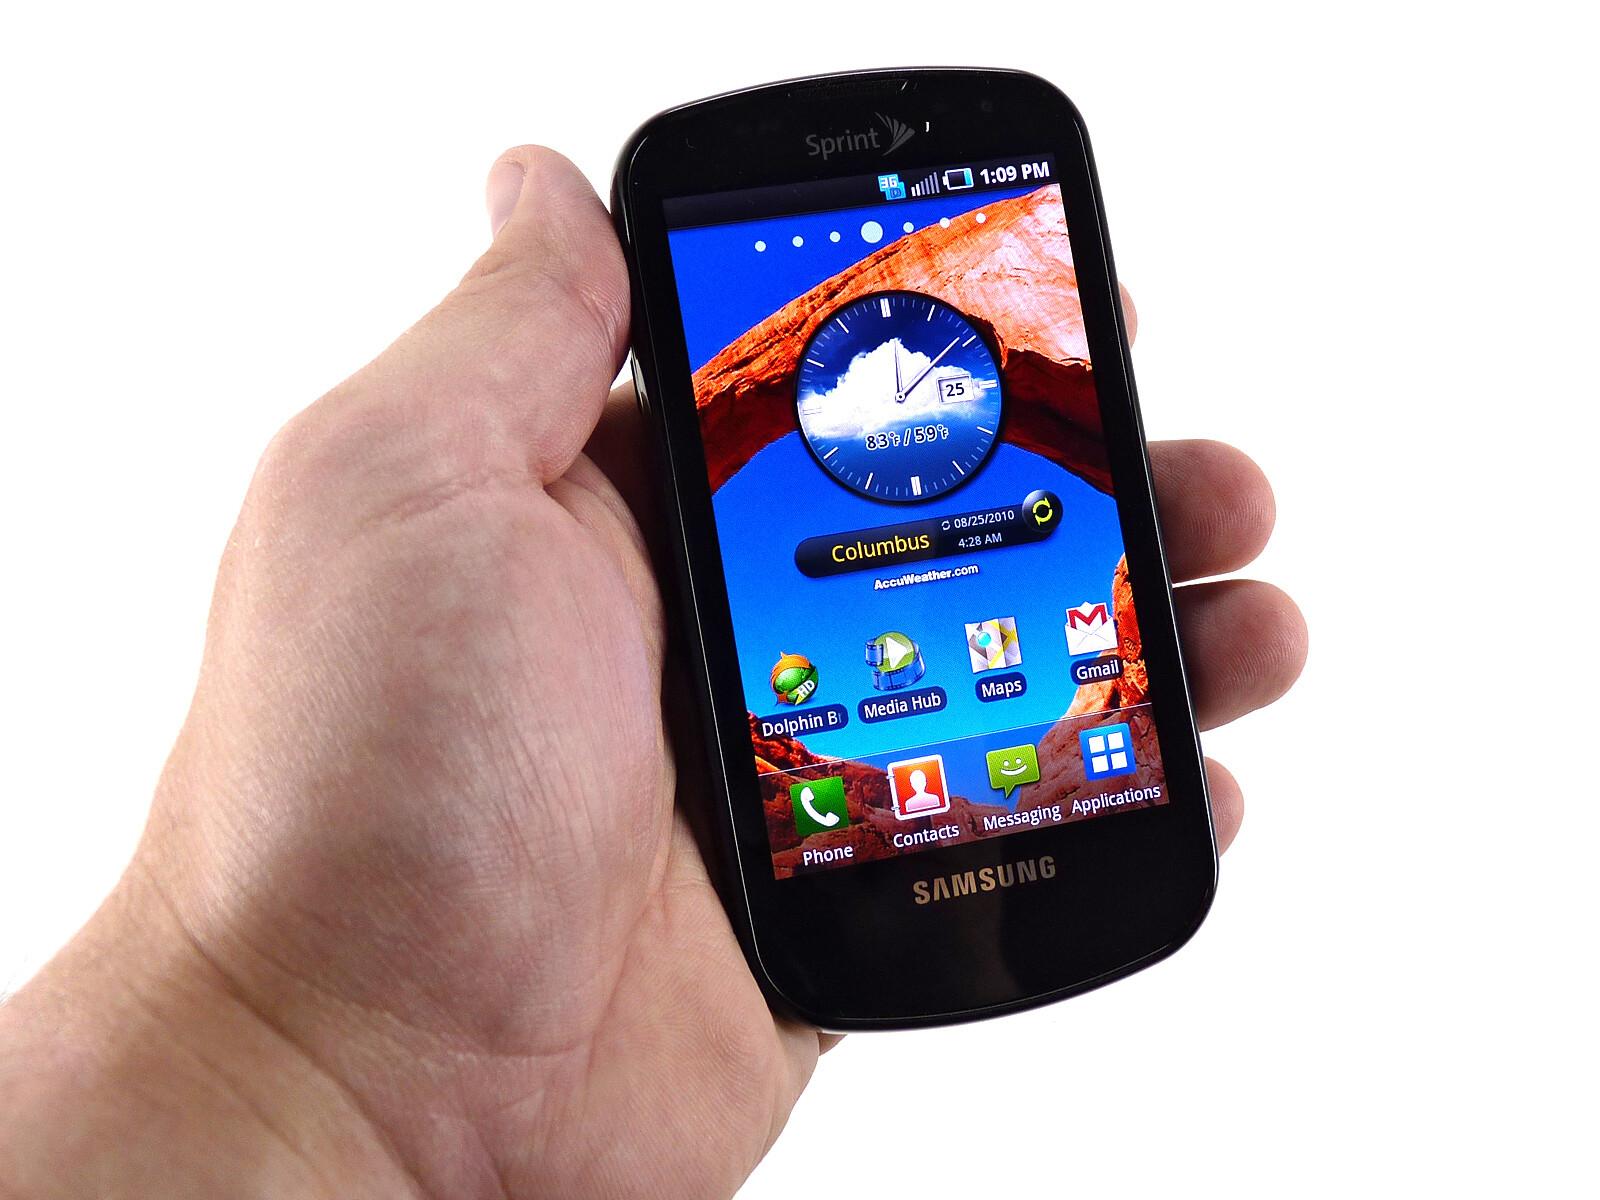 Samsung Epic 4g Full Specs